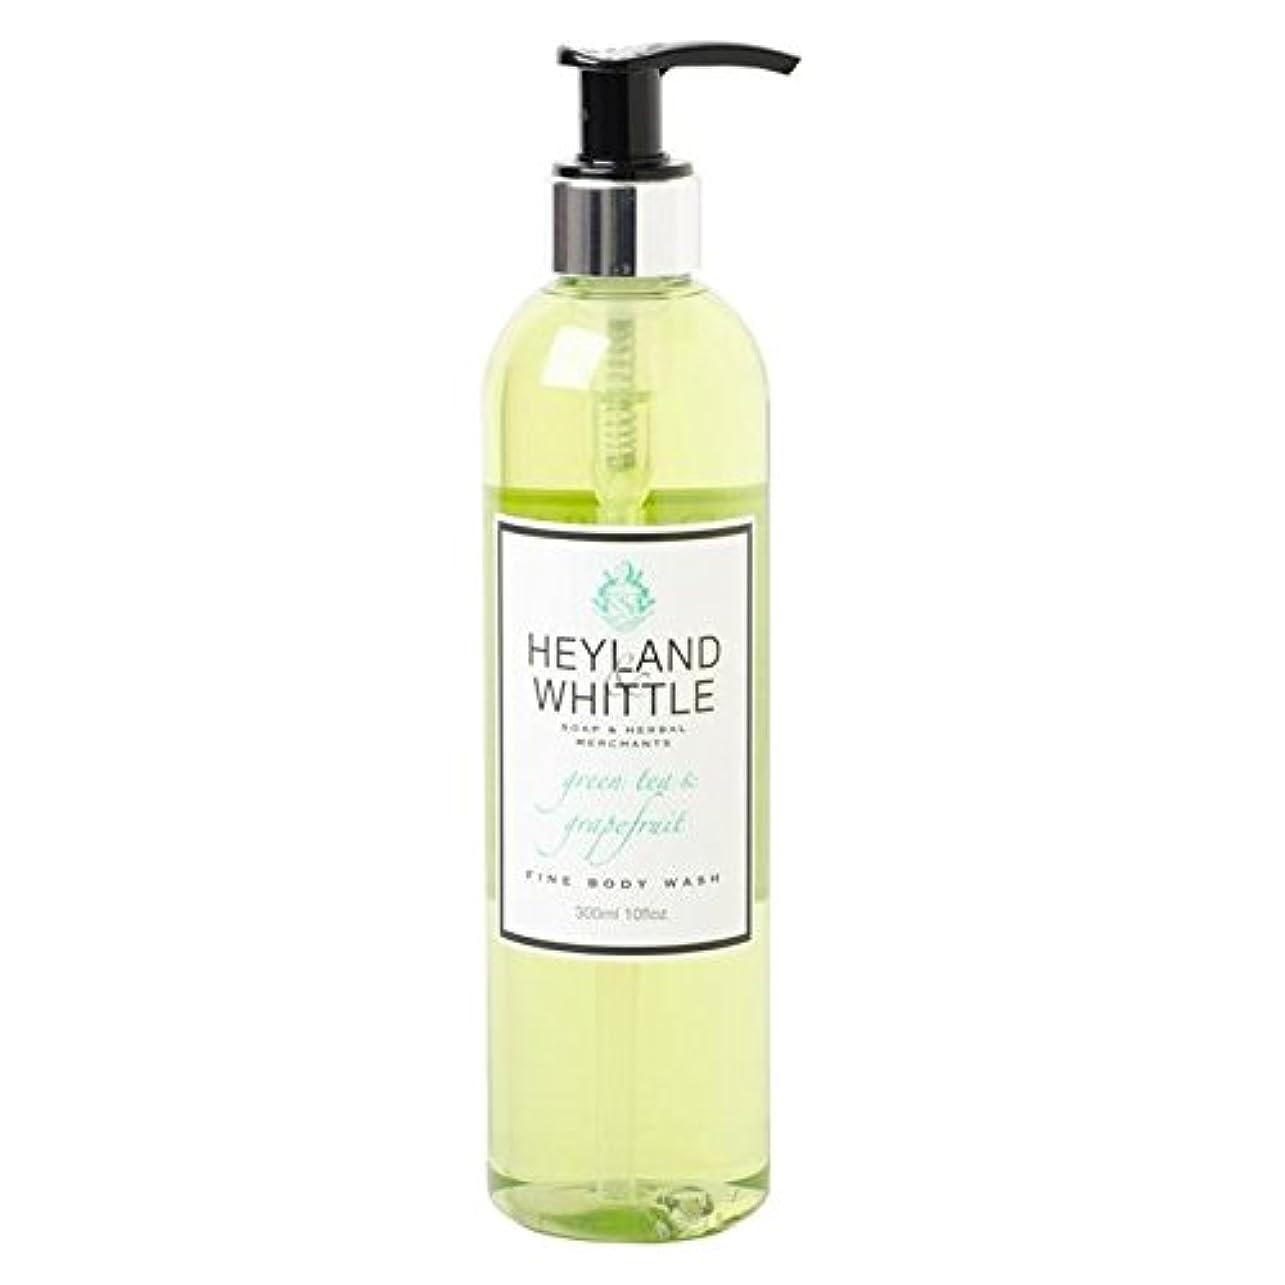 頼むおばさんアイドルHeyland & Whittle Greentea & Grapefruit Body Wash 300ml - &削るグリーンティ&グレープフルーツボディウォッシュ300ミリリットル [並行輸入品]